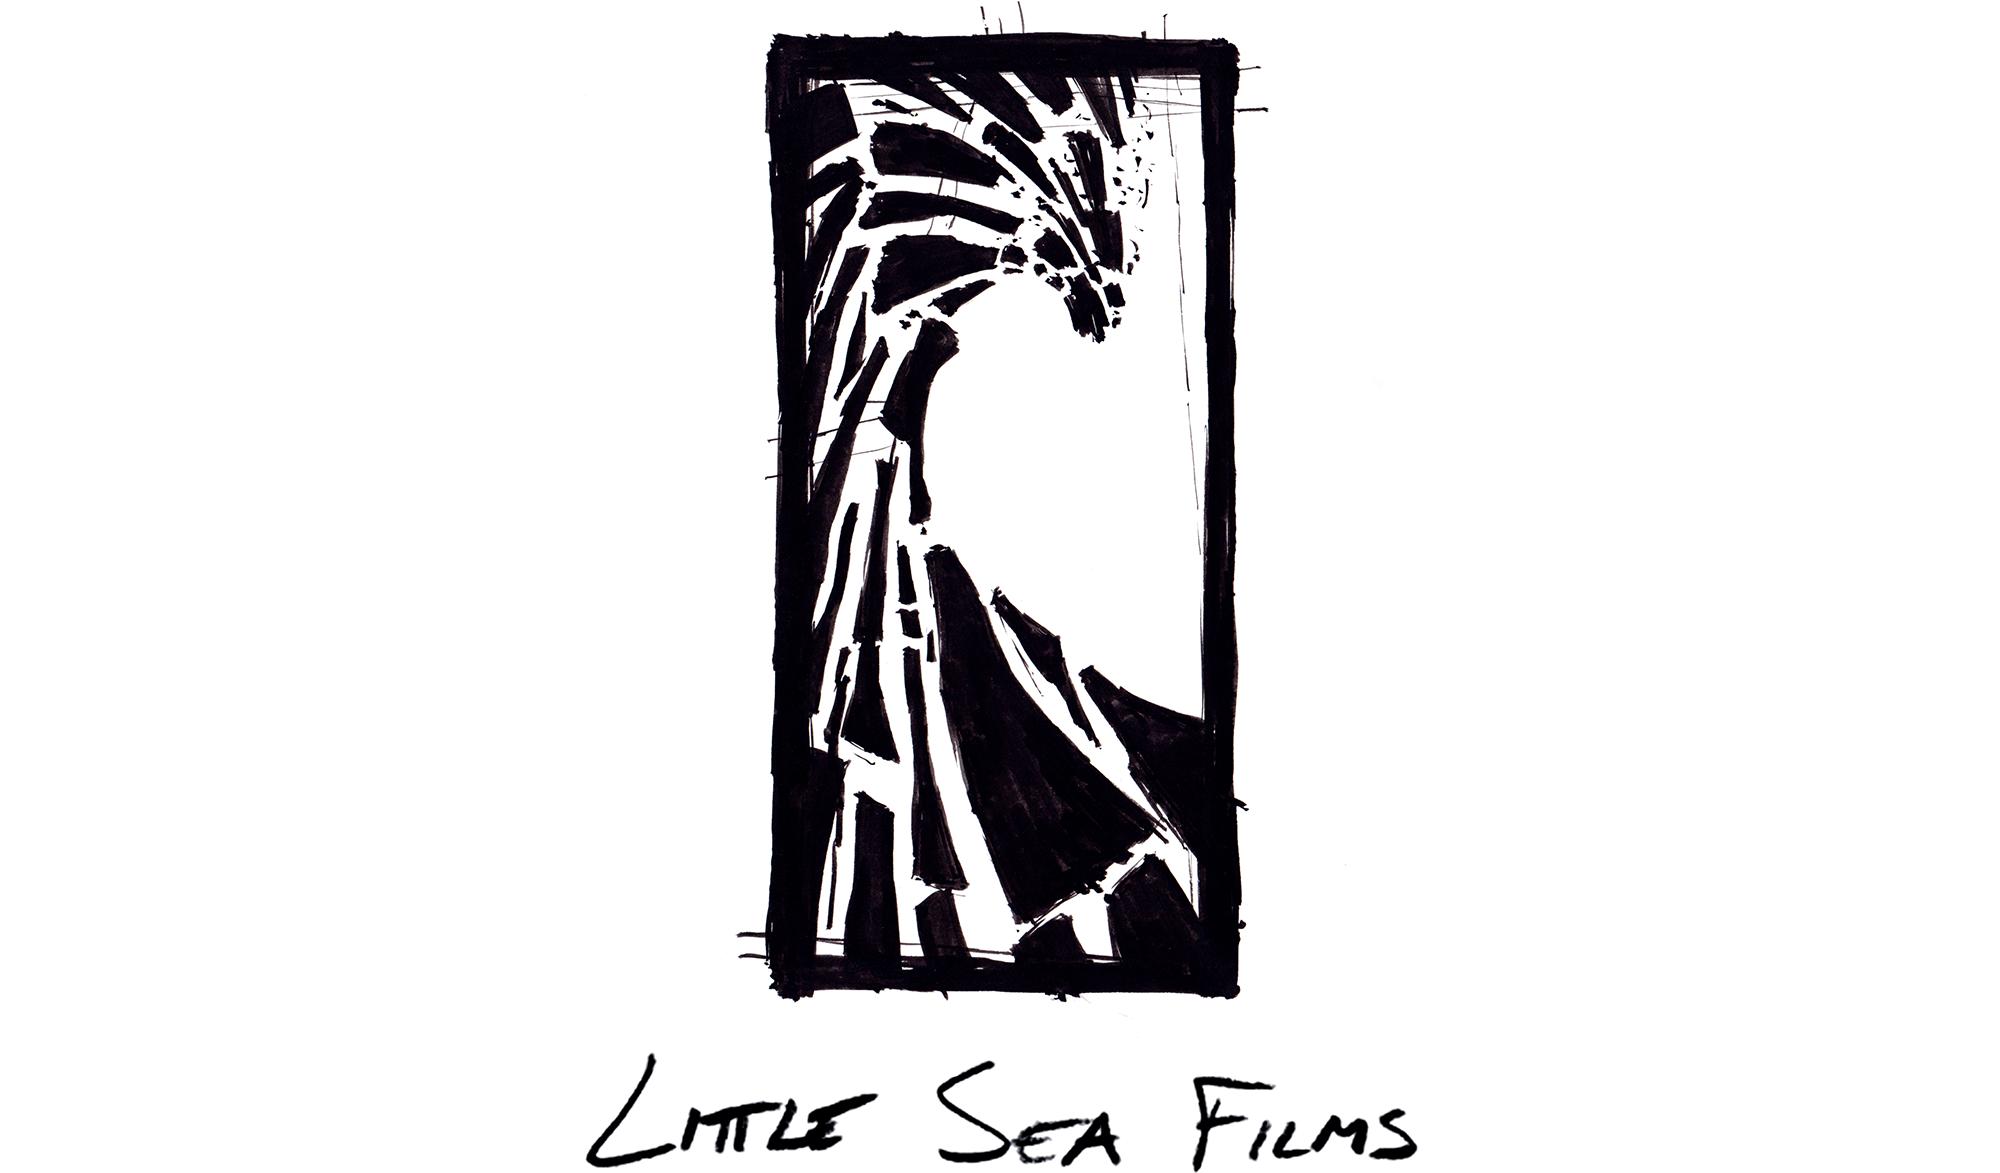 Little Sea Films_2000 wide.png